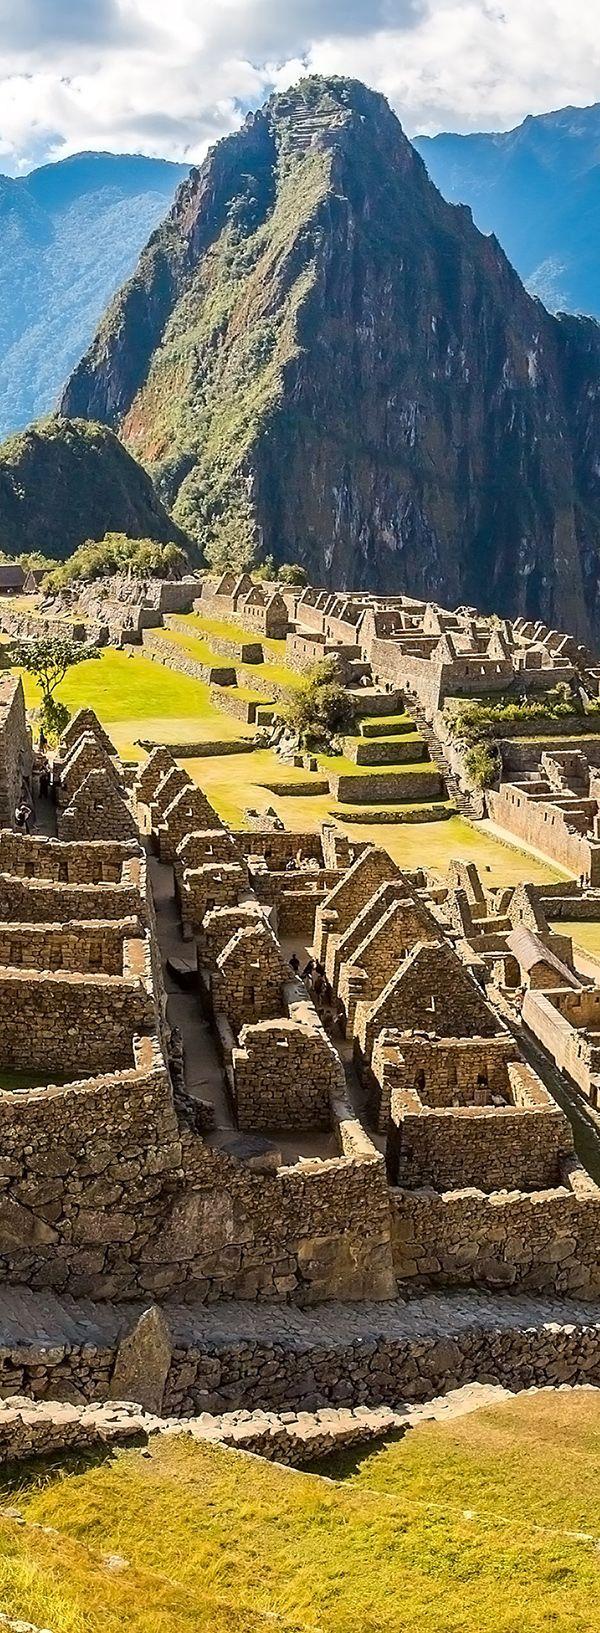 Machu Picchu, Peru,South America